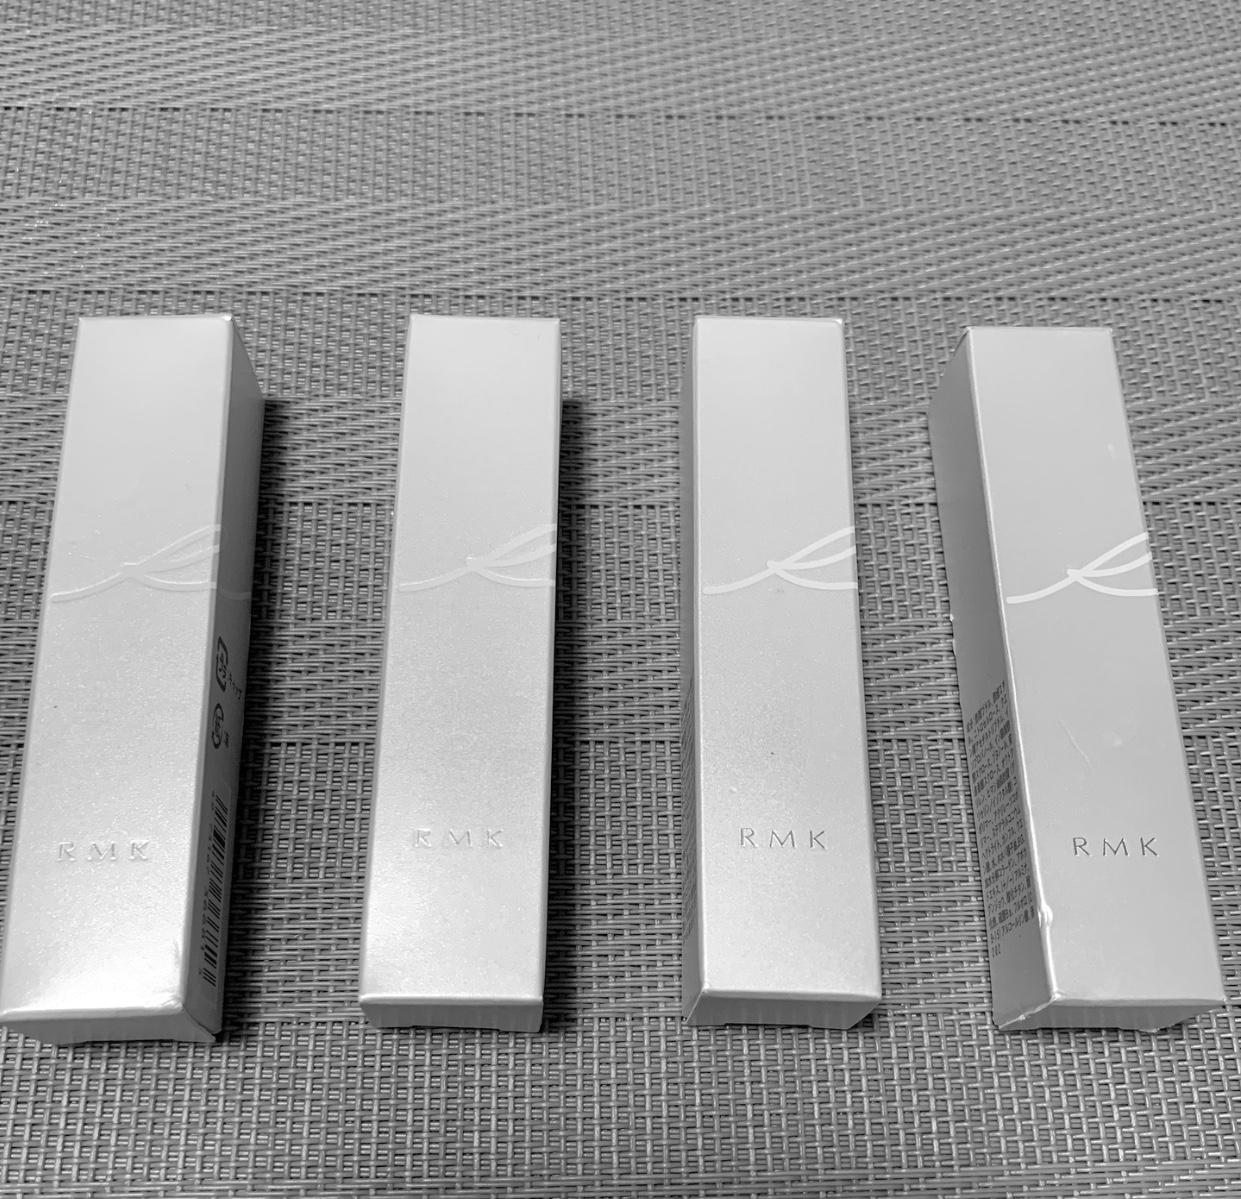 【夏ネイル・マニキュア】RMKネイルポリッシュ・人気カラー♡セルフネイルしてみました!!!_2